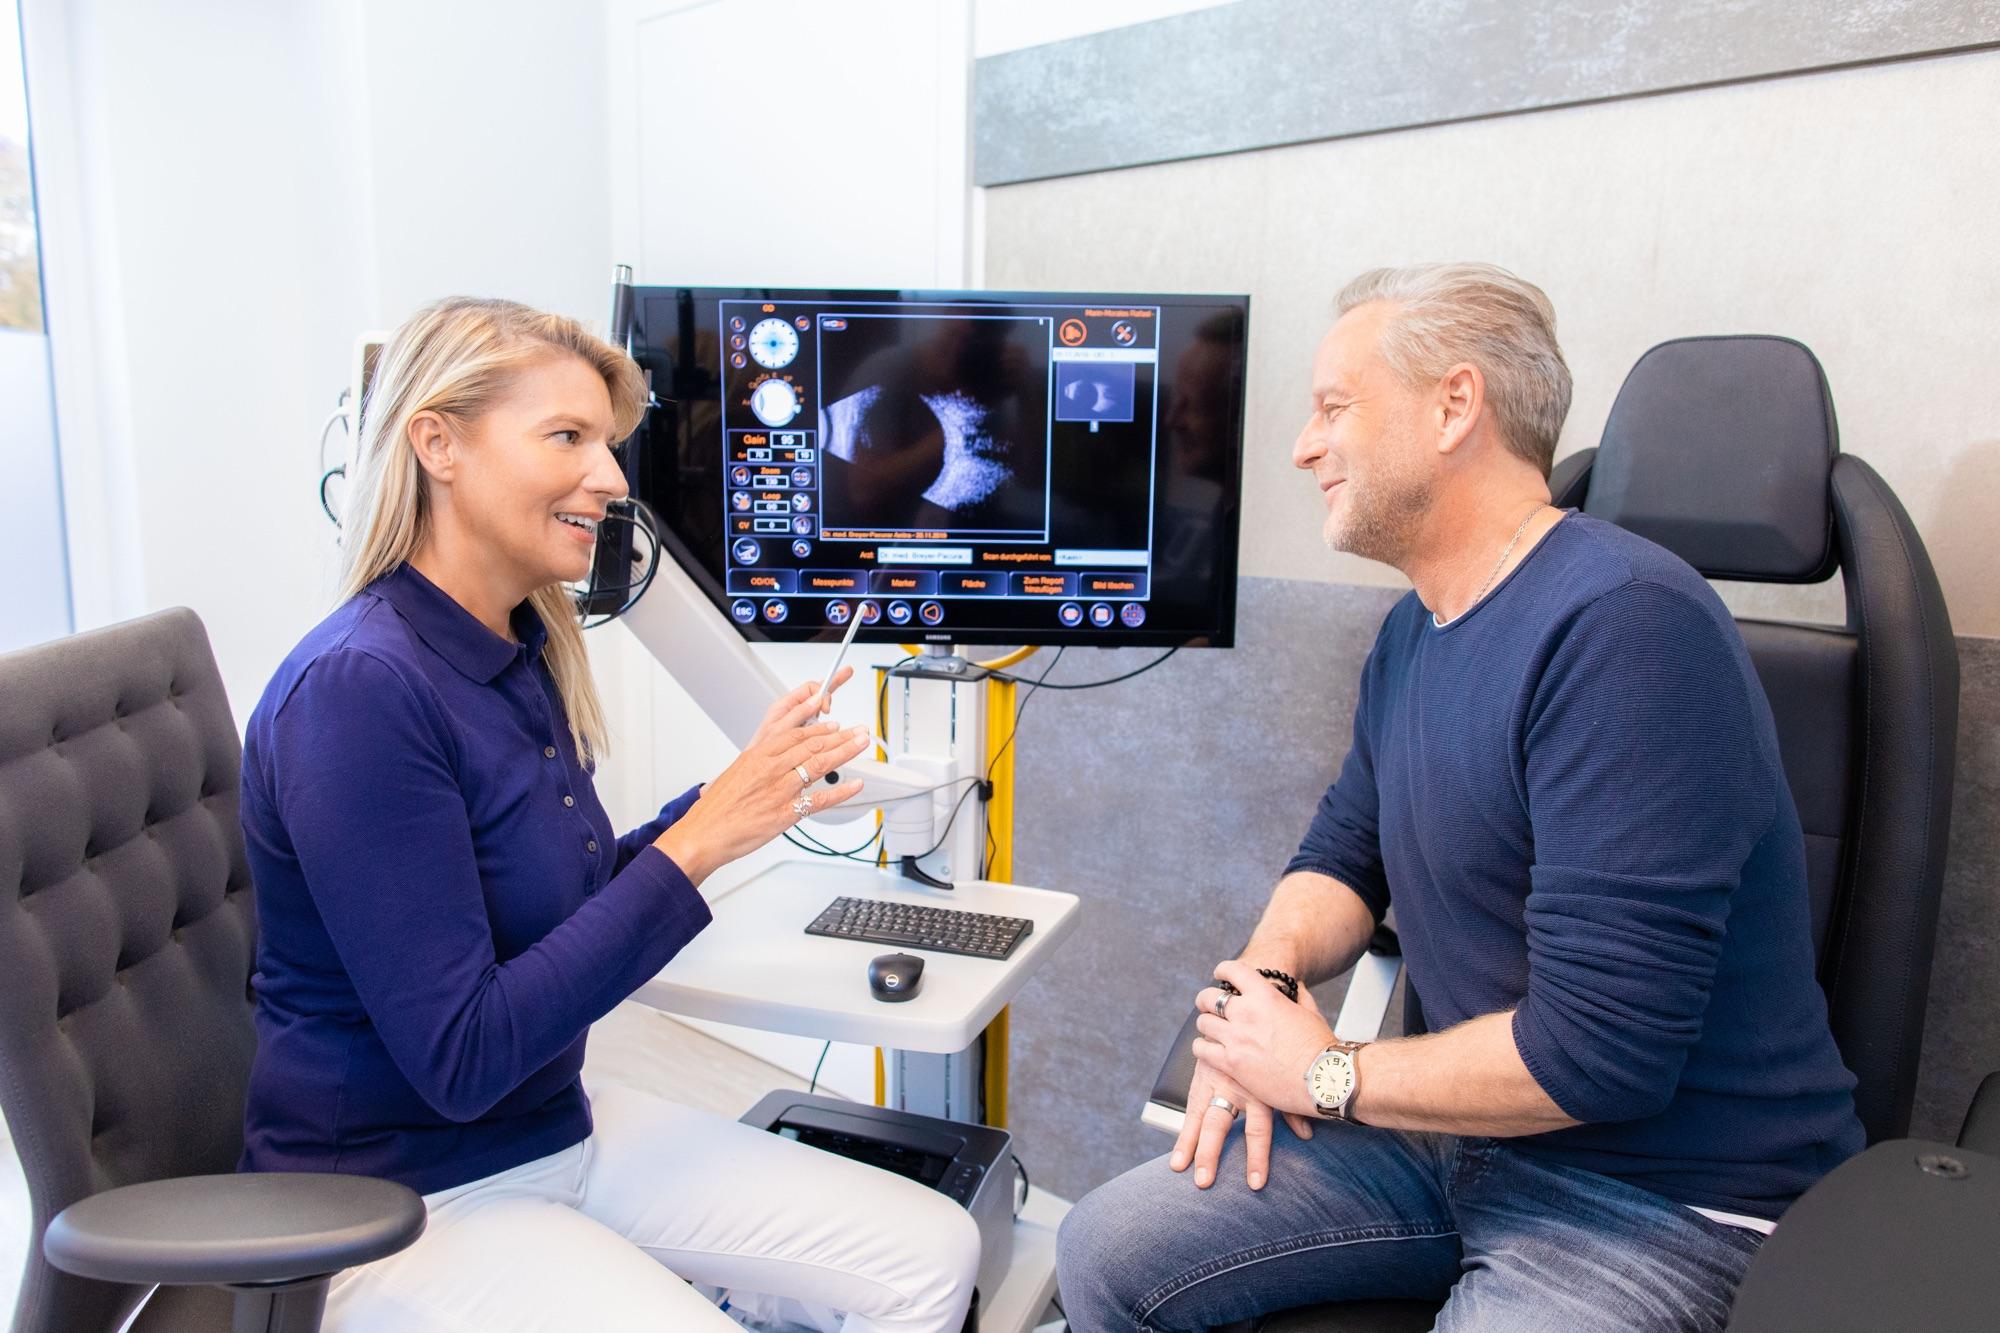 Dr. Breyer-Pacurar erläutert einem Patienten einen Ultraschallbefund.